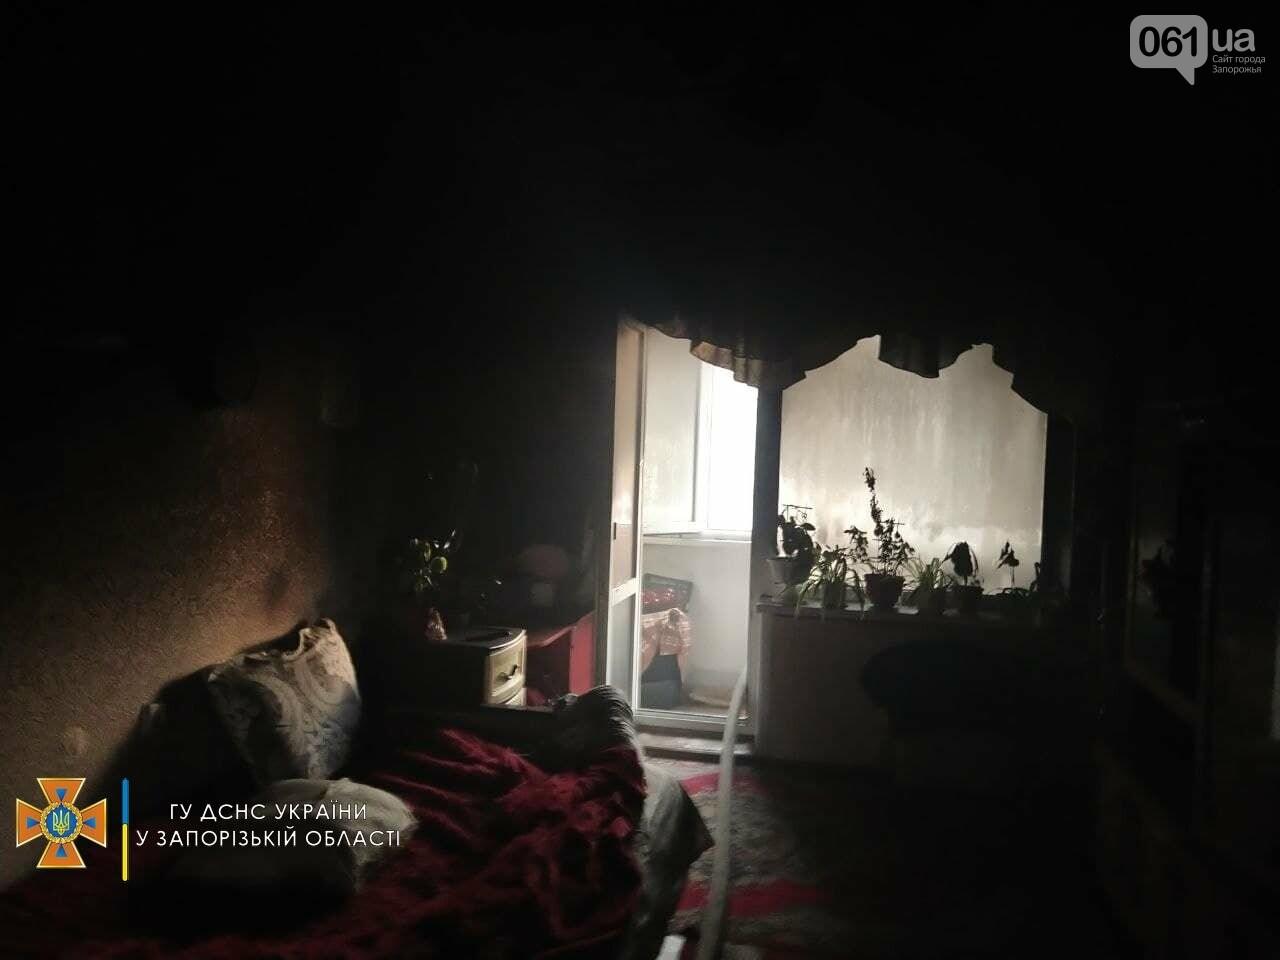 photo2021 09 1210 14 27result 613dd23834359 - В Запорожье 18 спасателей тушили пожар в девятиэтажке, - ФОТО